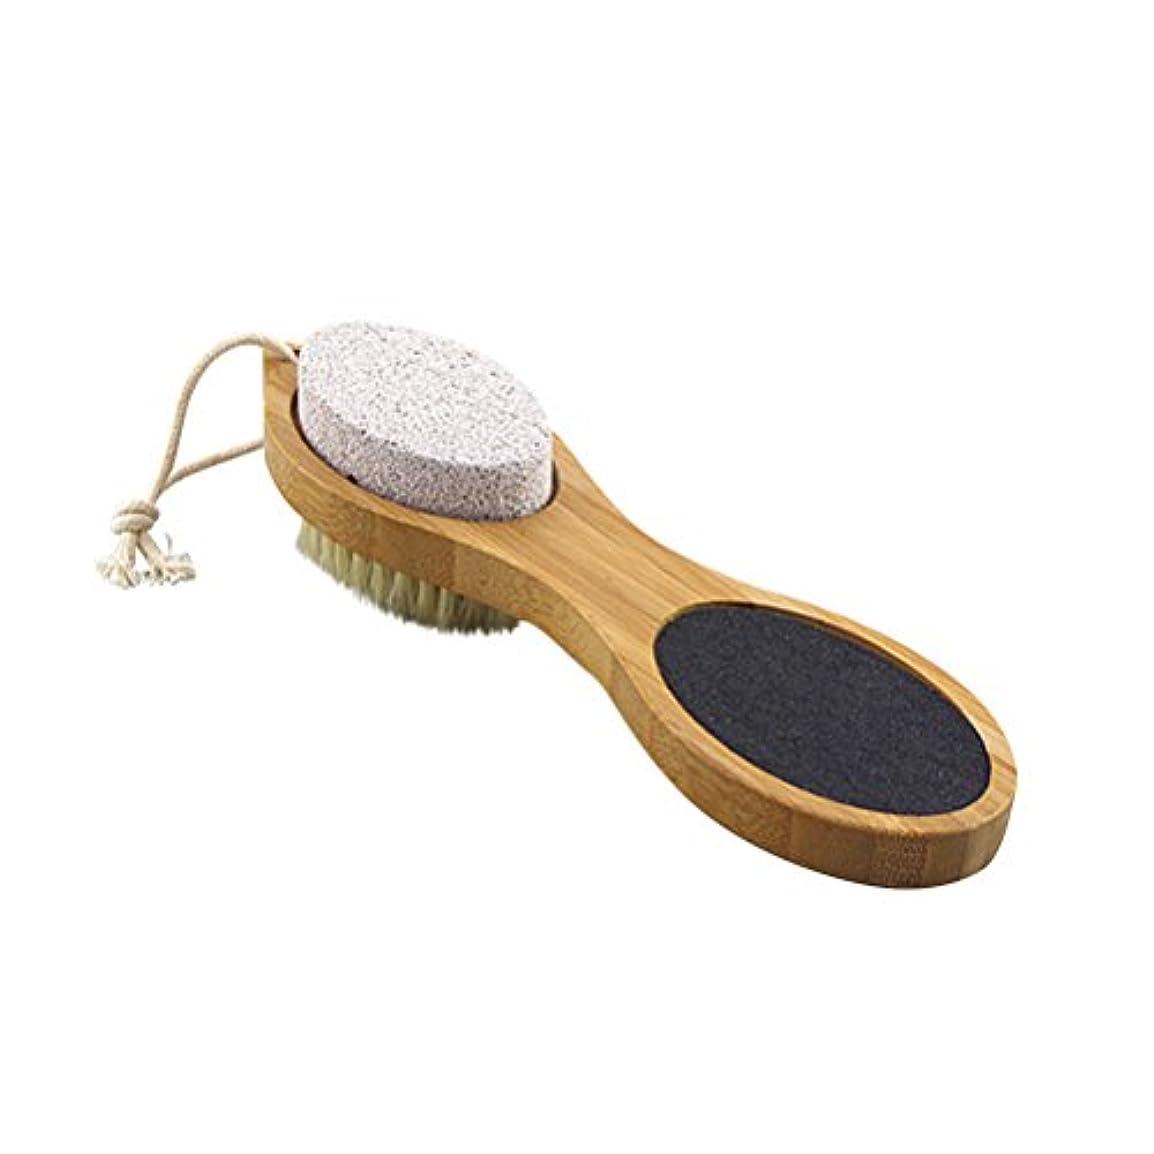 ブースト化学鳴り響くULTNICE 足ブラシ 角質除去 毛ブラシ?砂ブラシ?軽石ブラシ?鋼ブラシ ボディブラシ フットマッサージ